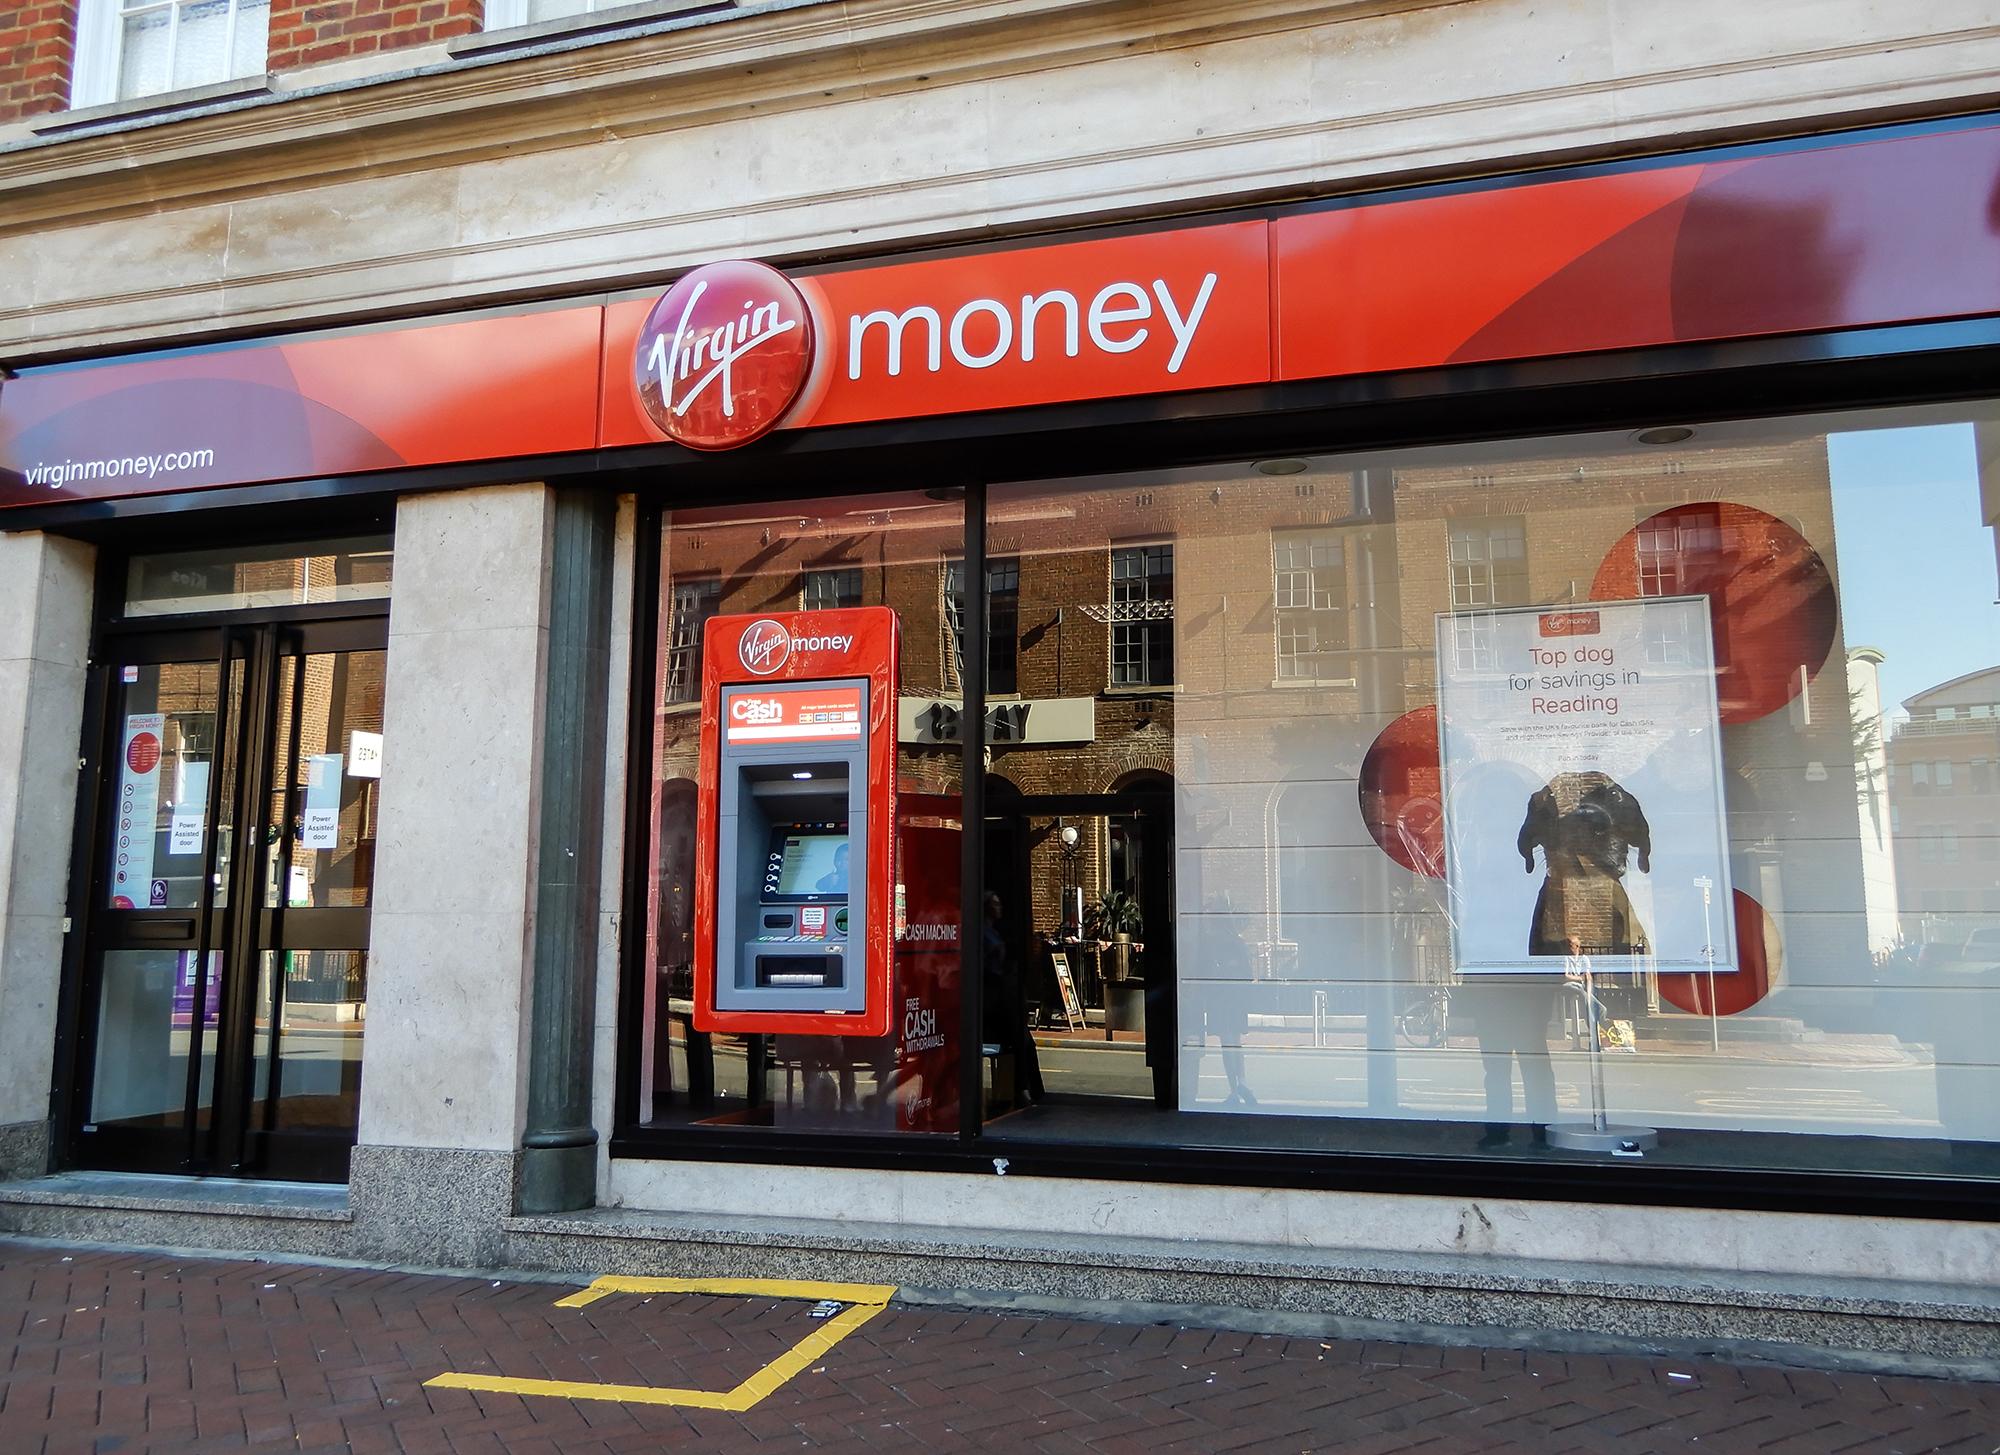 Virgin Money store. (Image: Shuttestock/Roger Utting)